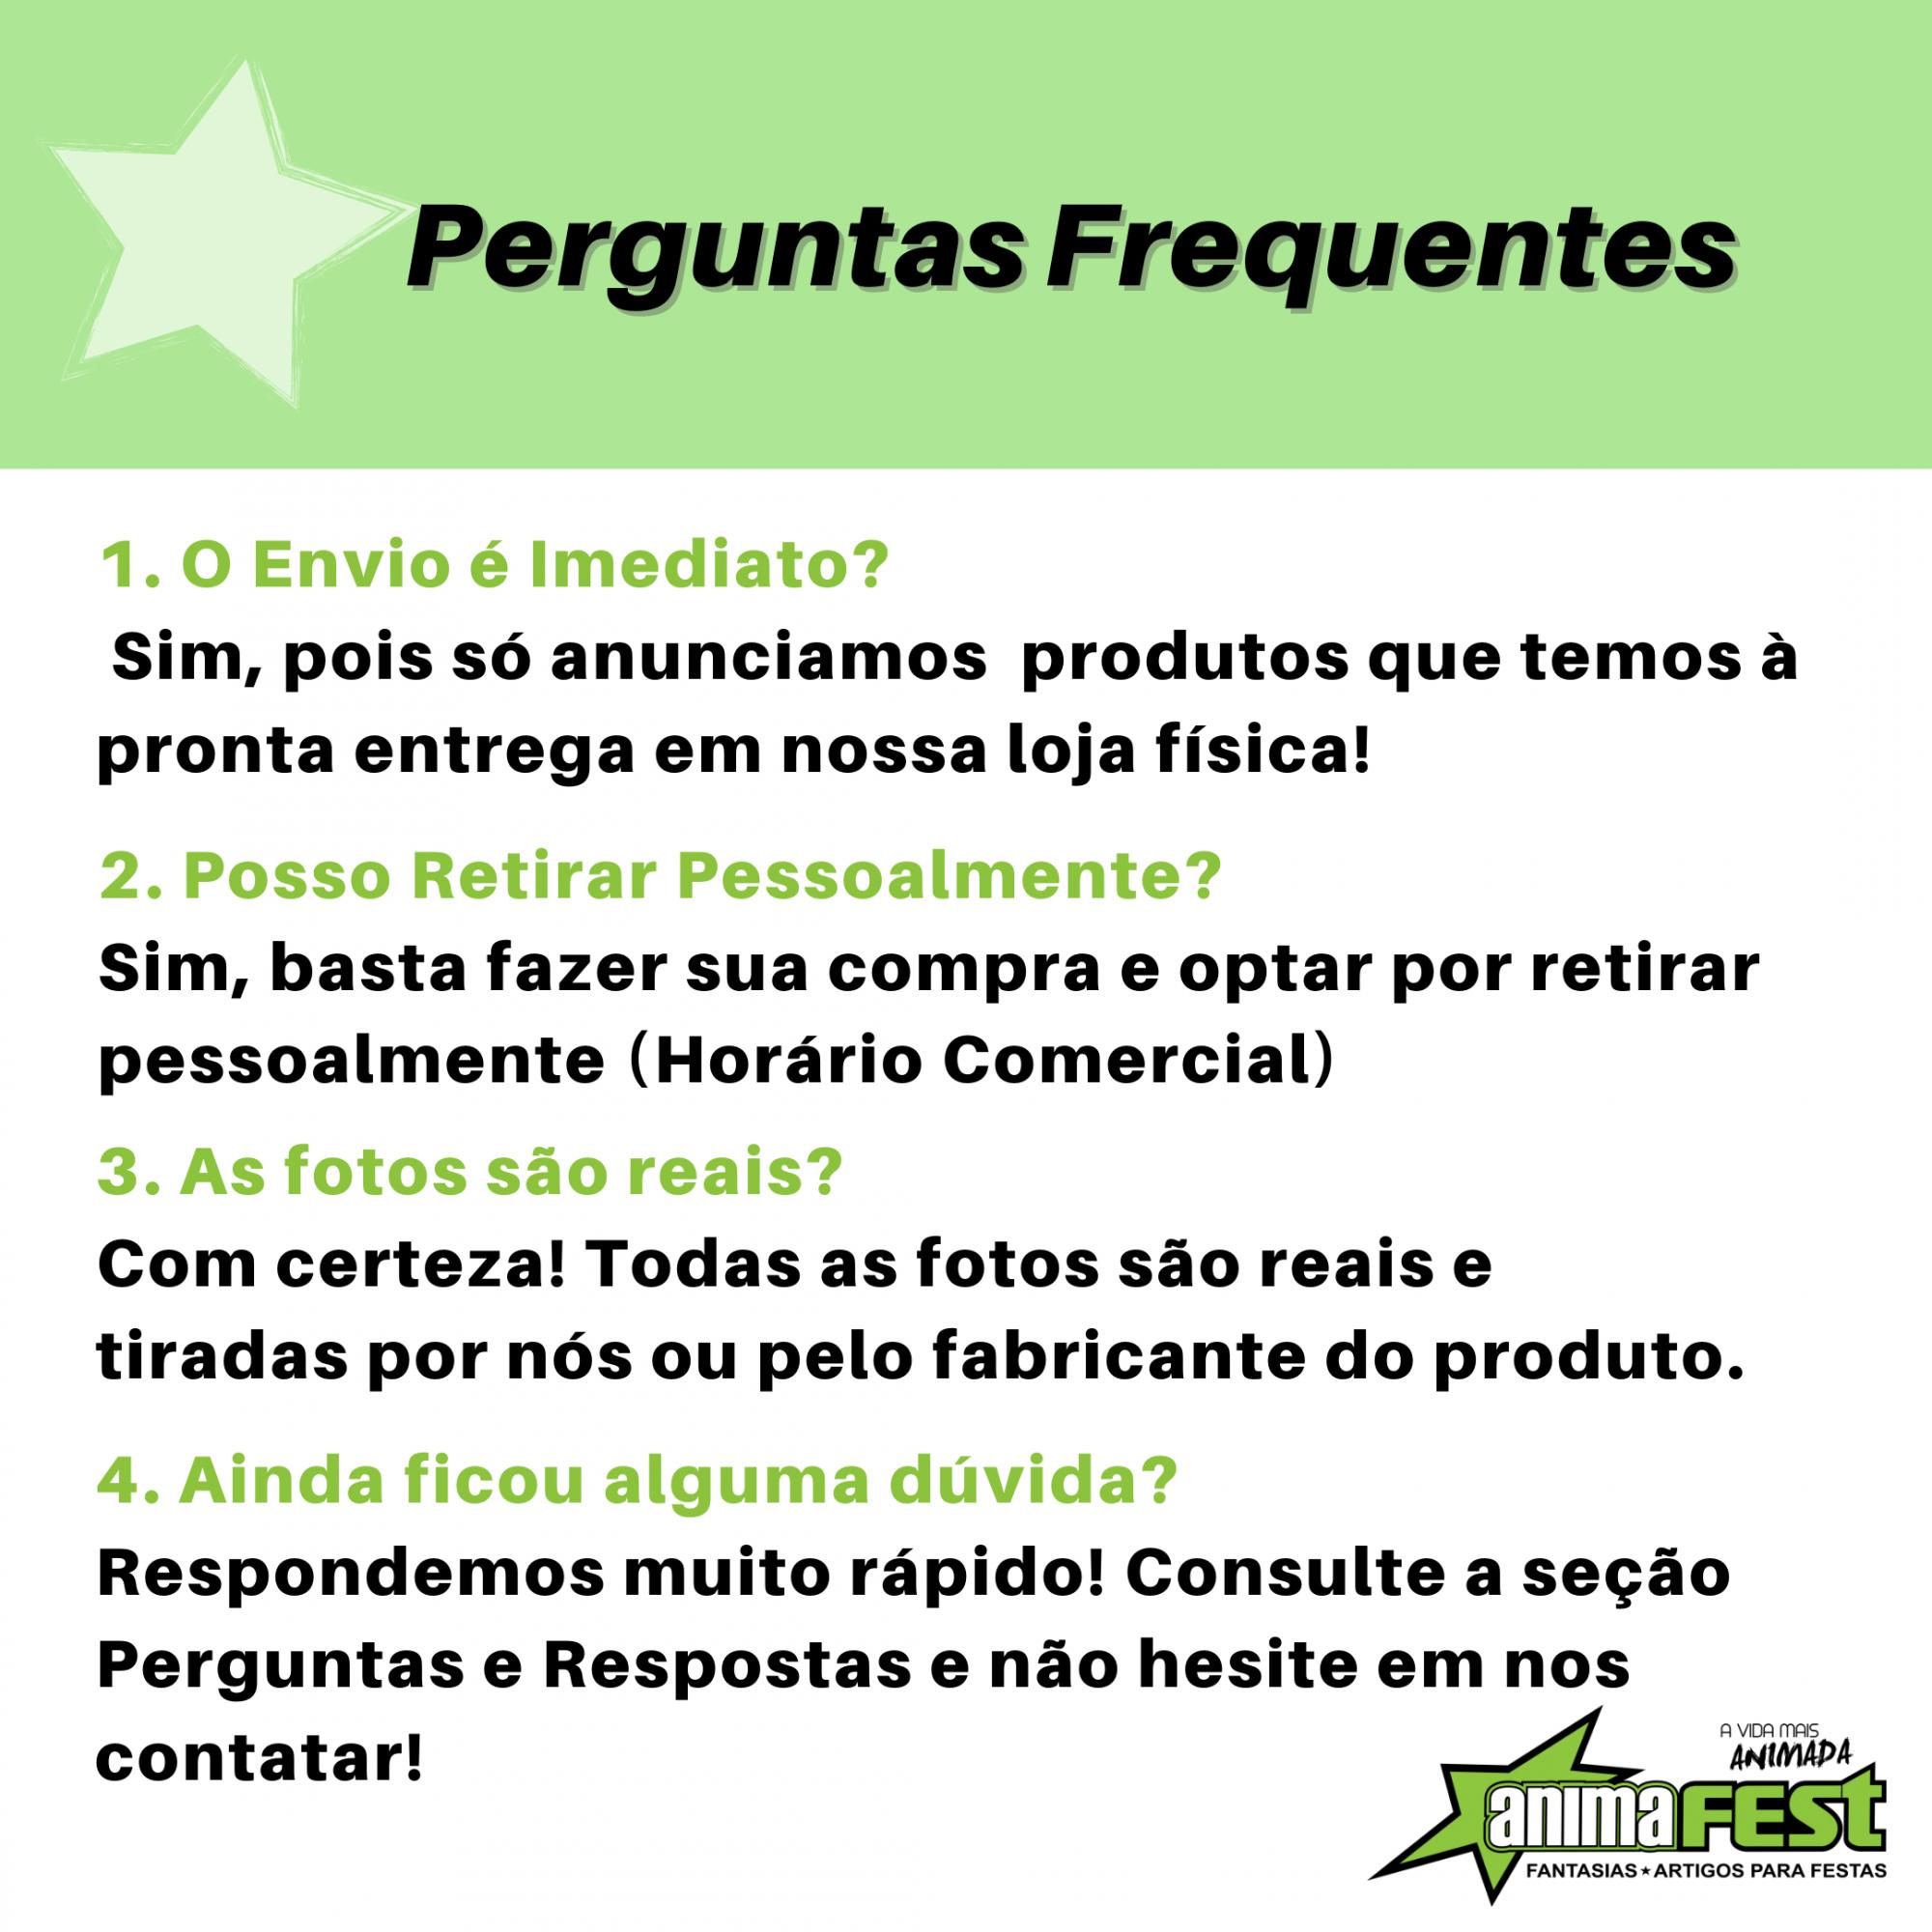 KIT Presilha Bico de Pato Reta Prateada 4 cm c/100